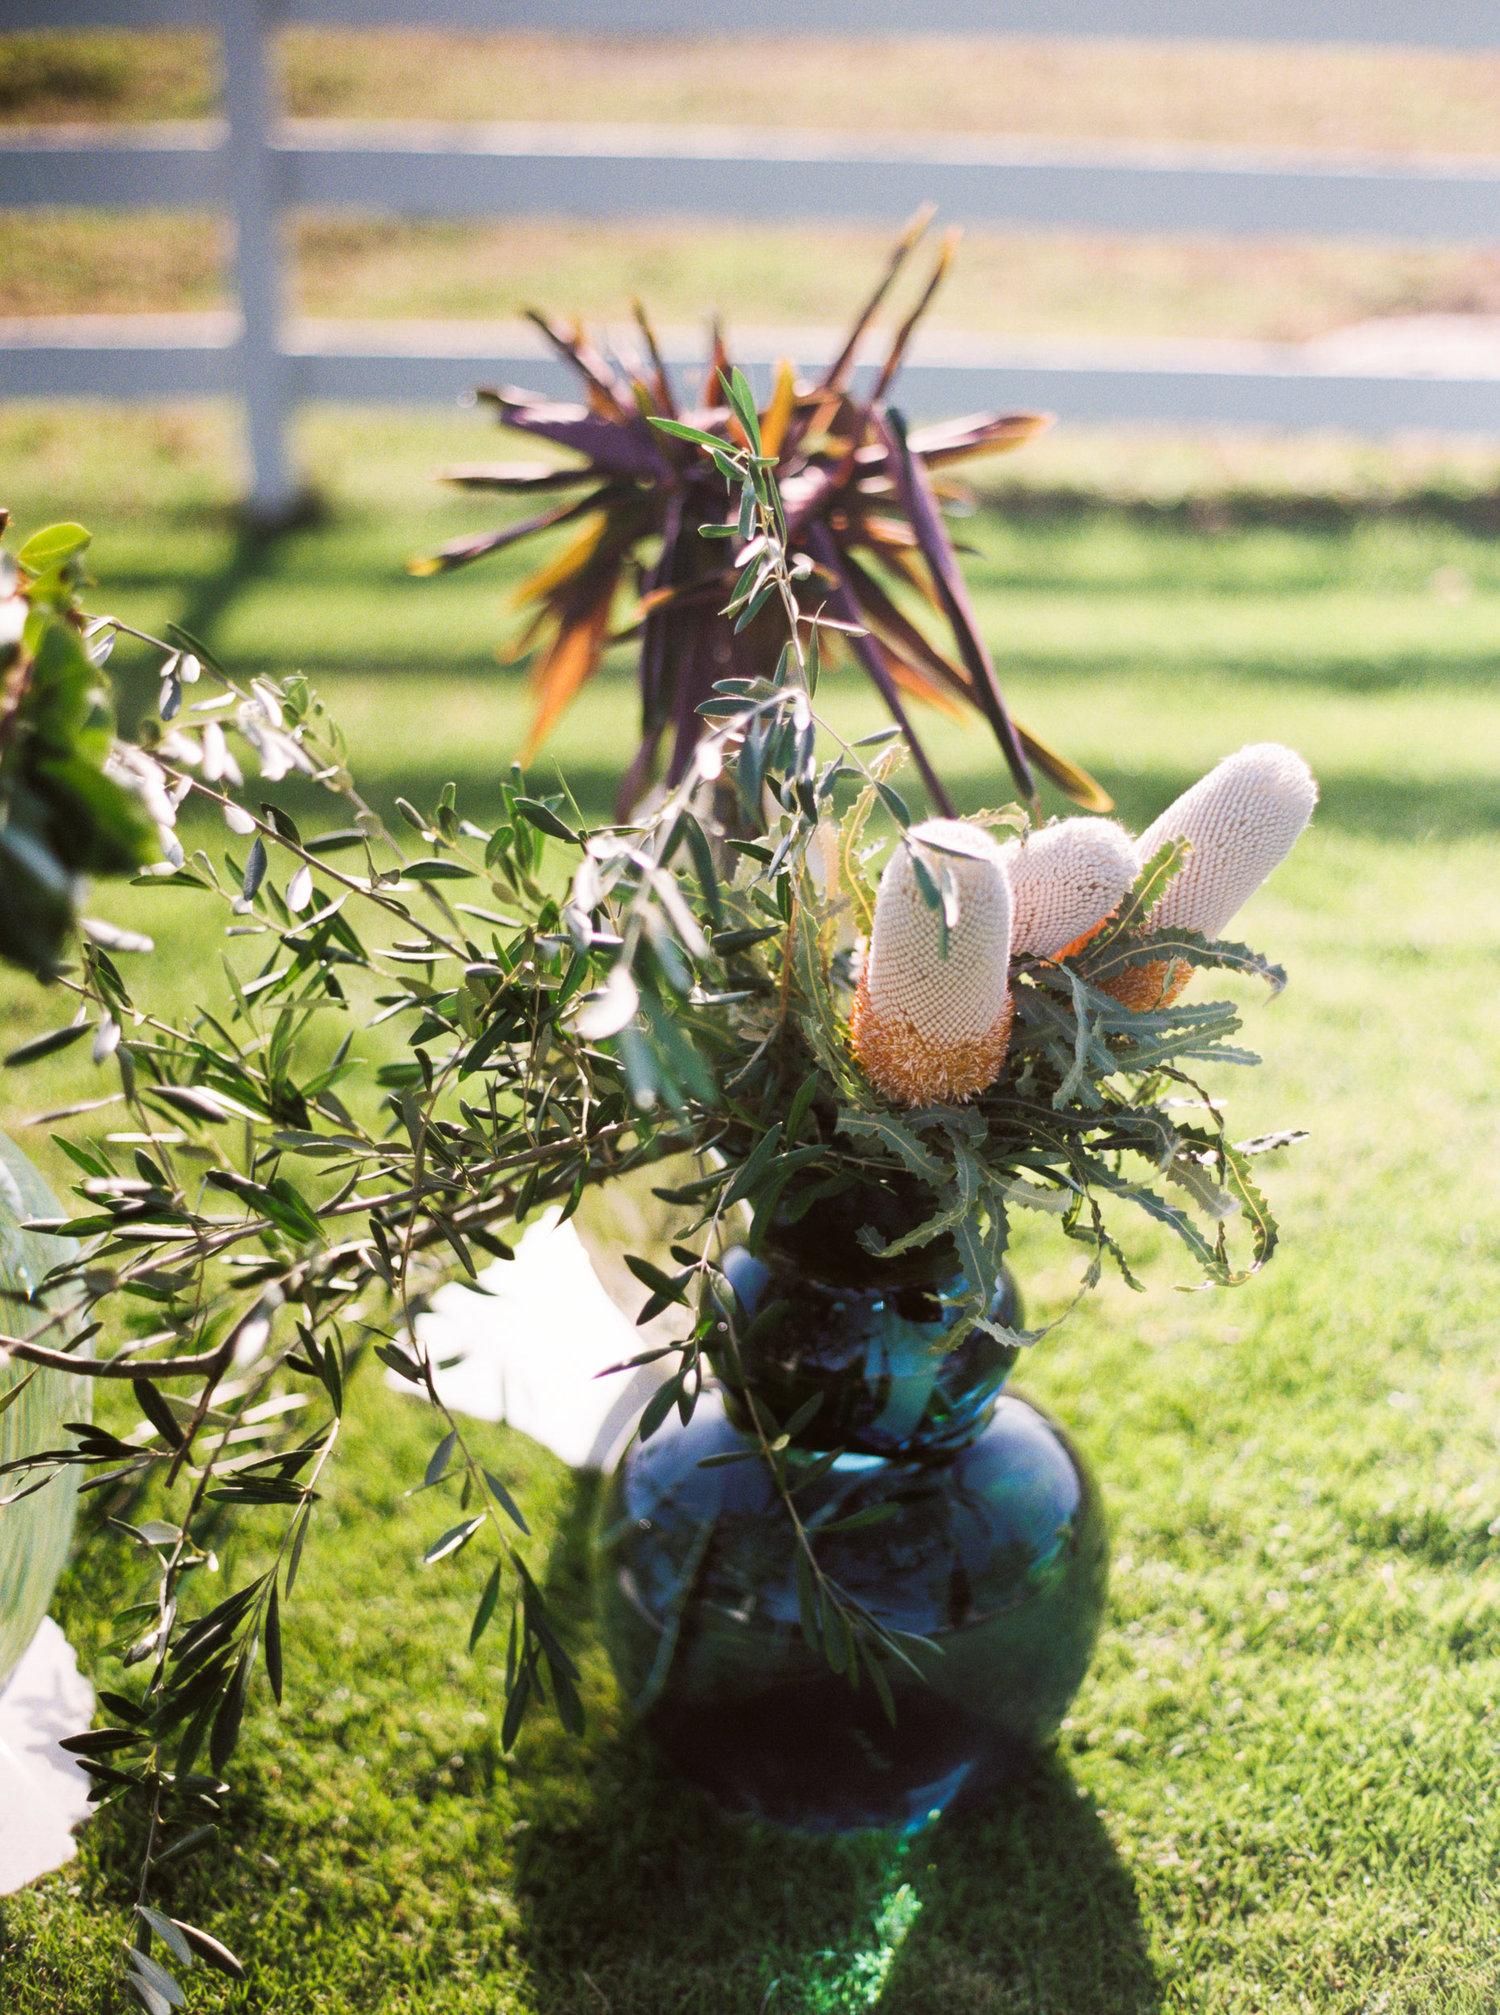 041carmel_california_destination_wedding_photography_wedding_videography_mission_ranch.jpg